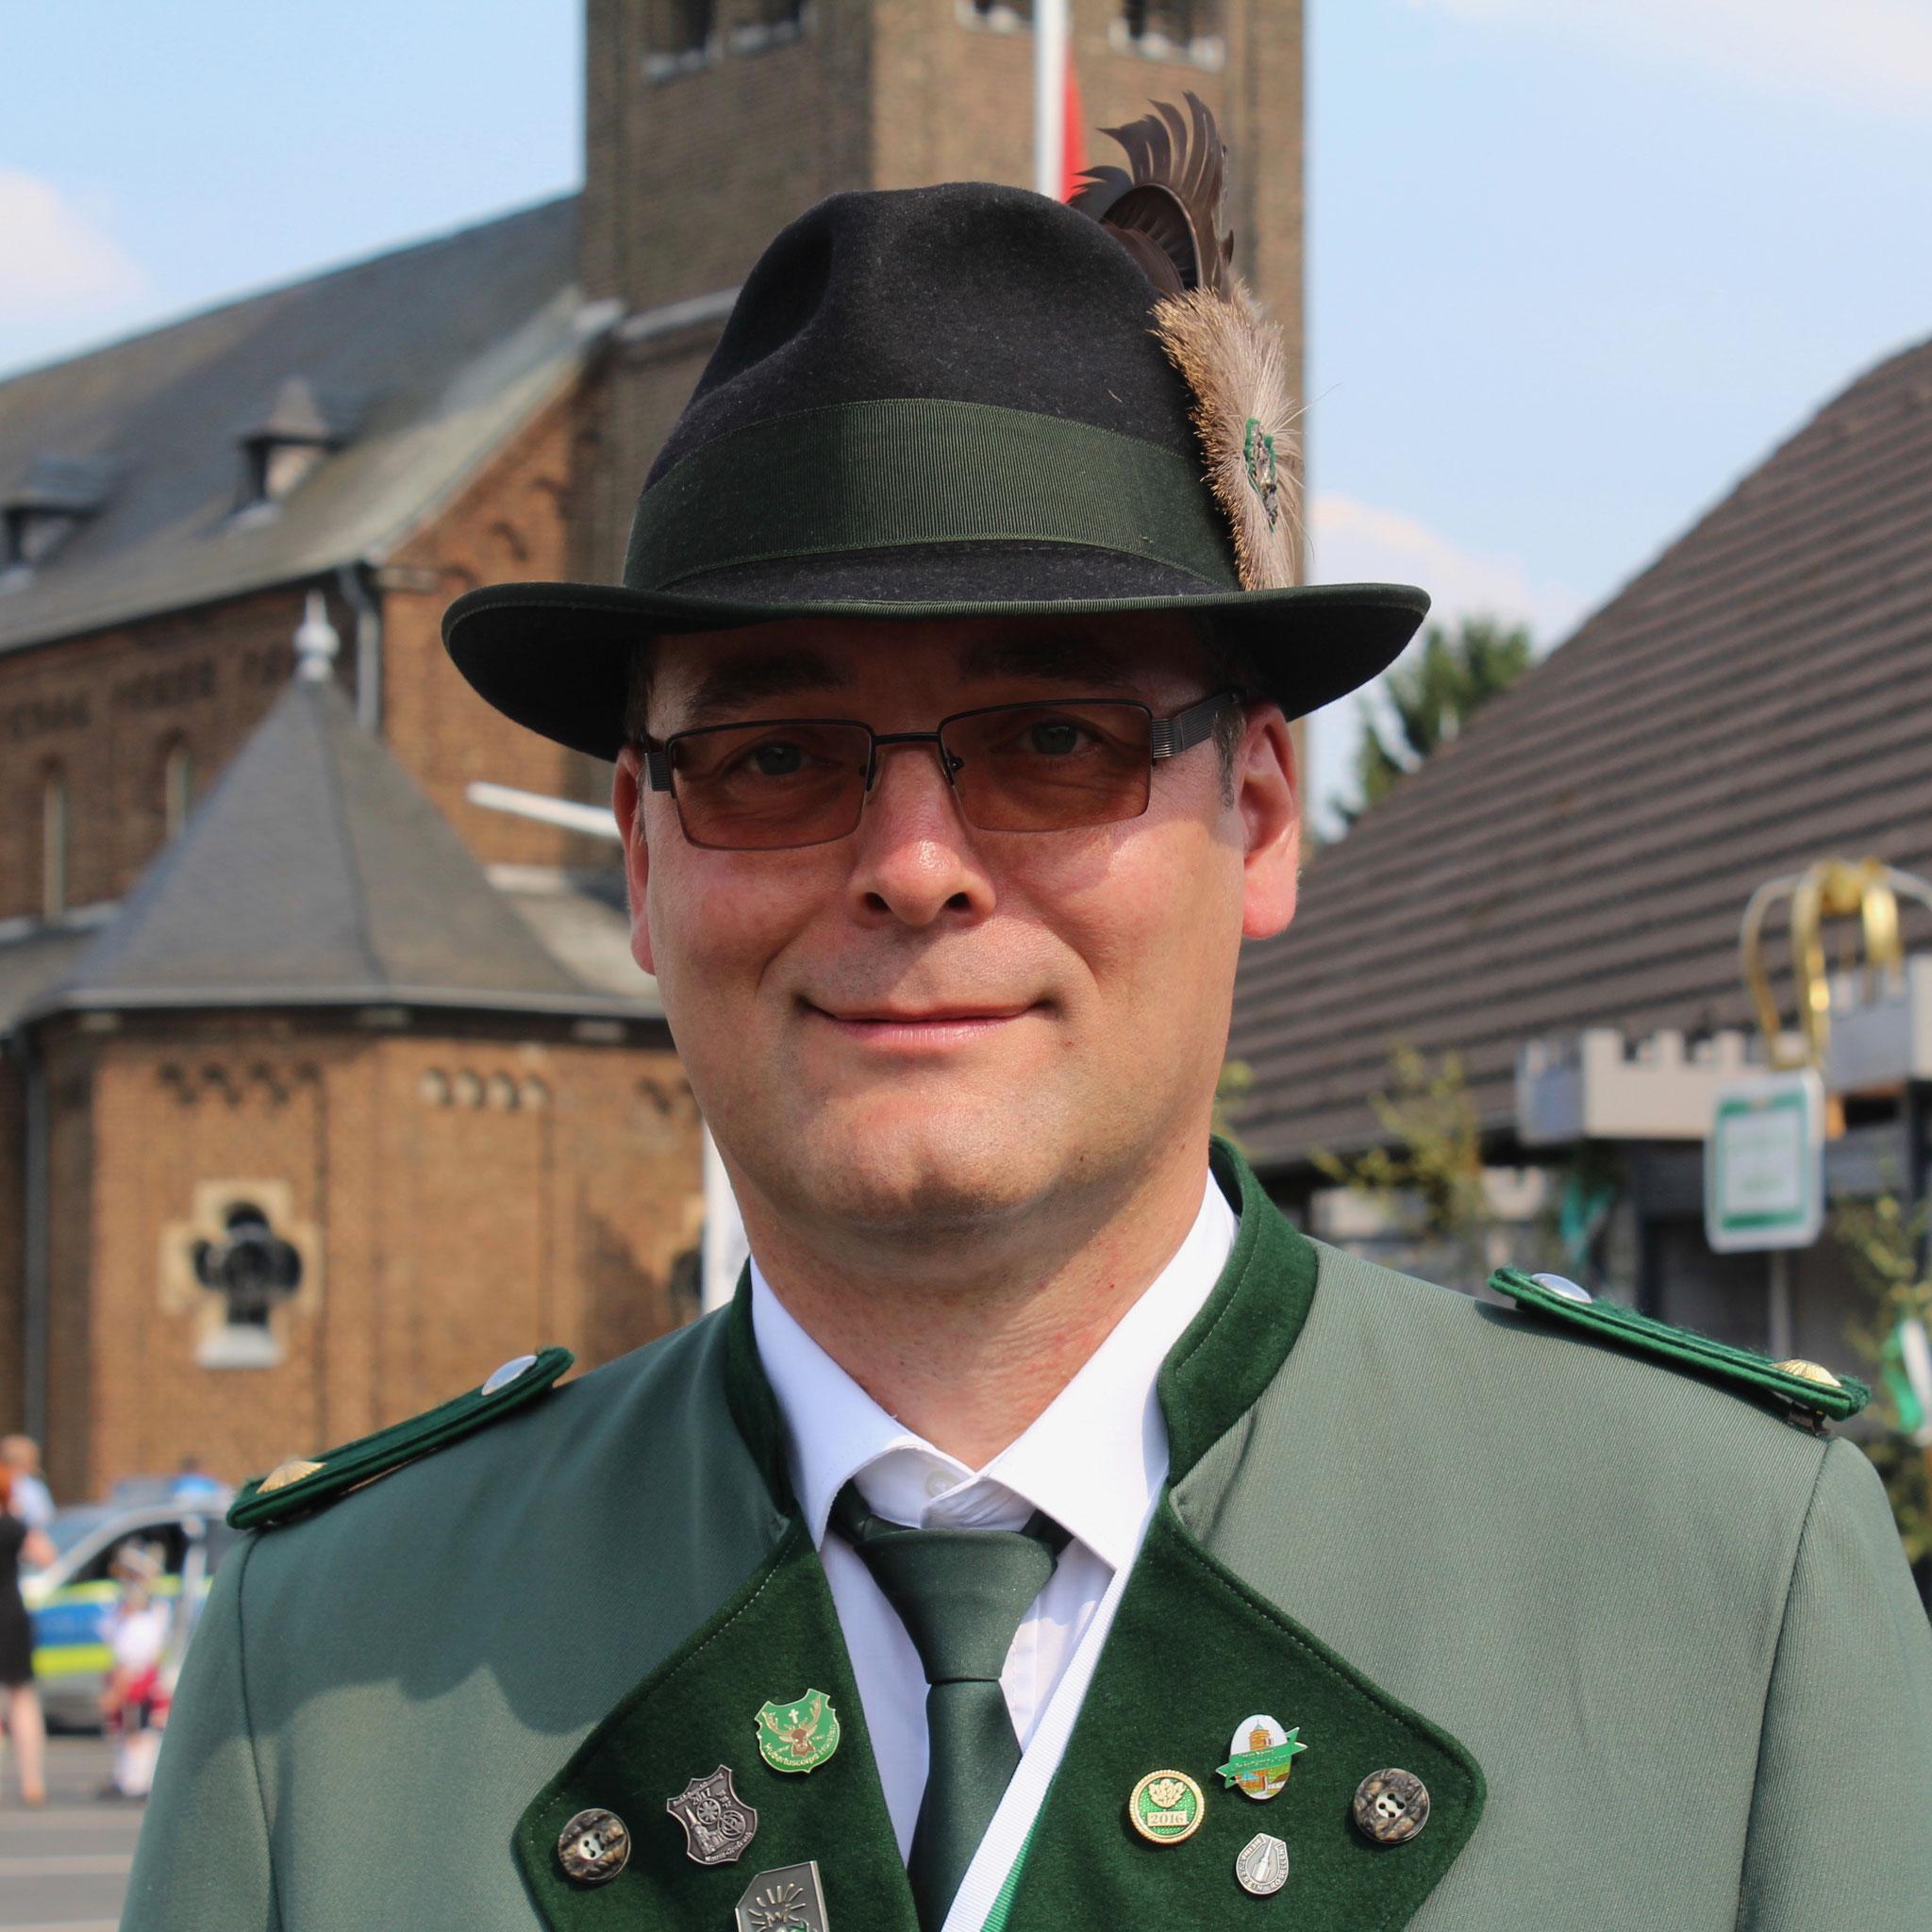 Olaf Seerig